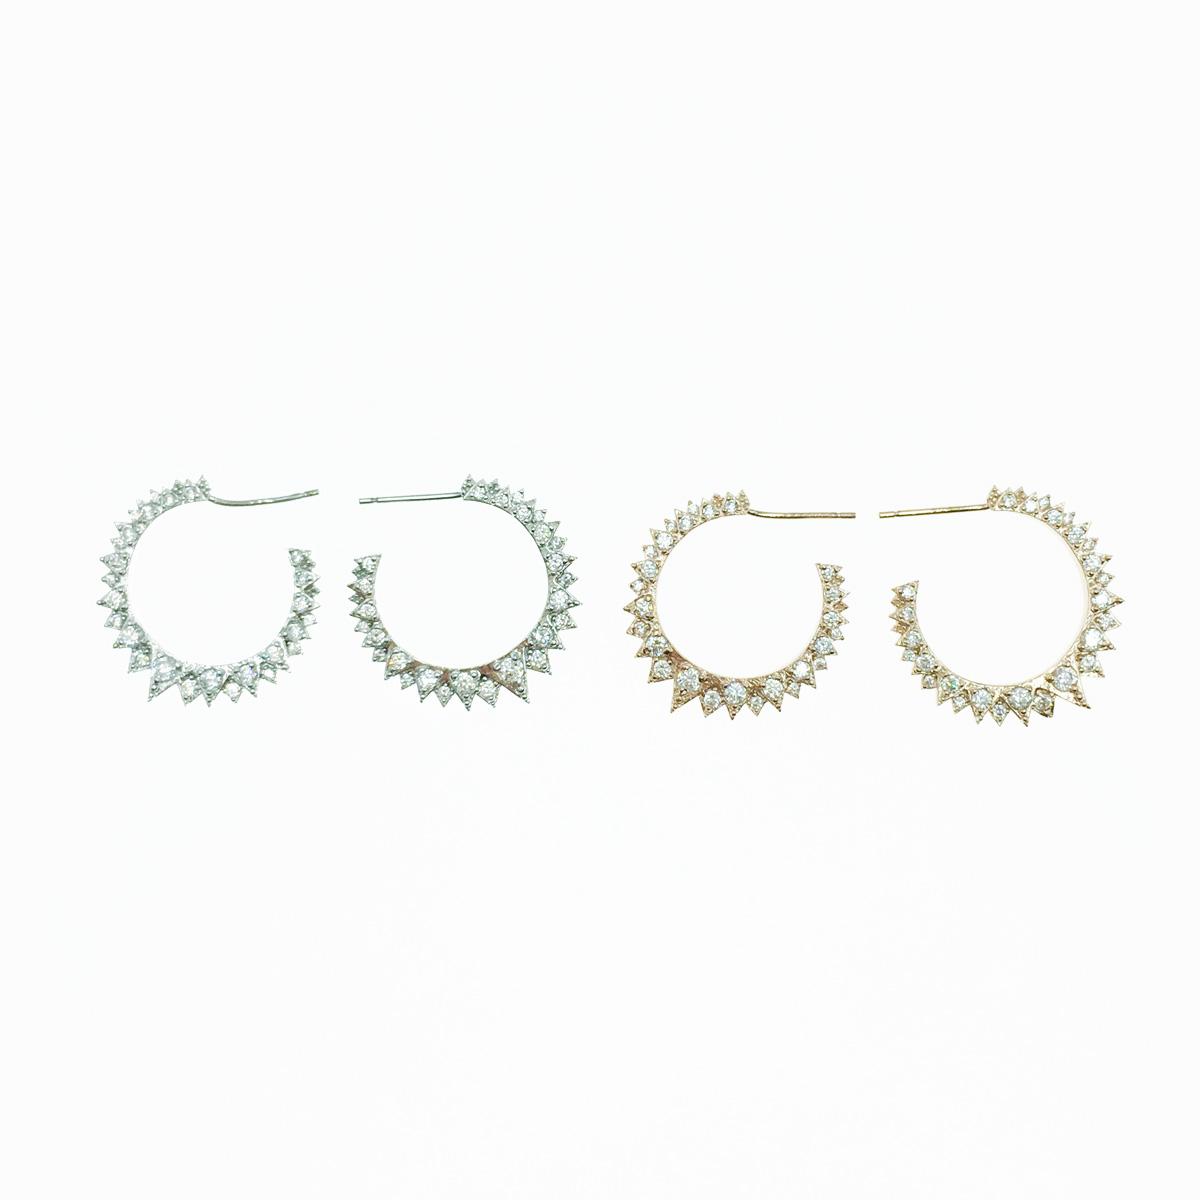 韓國 925純銀 鋸齒造型 水鑽 C環圈 2色 耳針式耳環